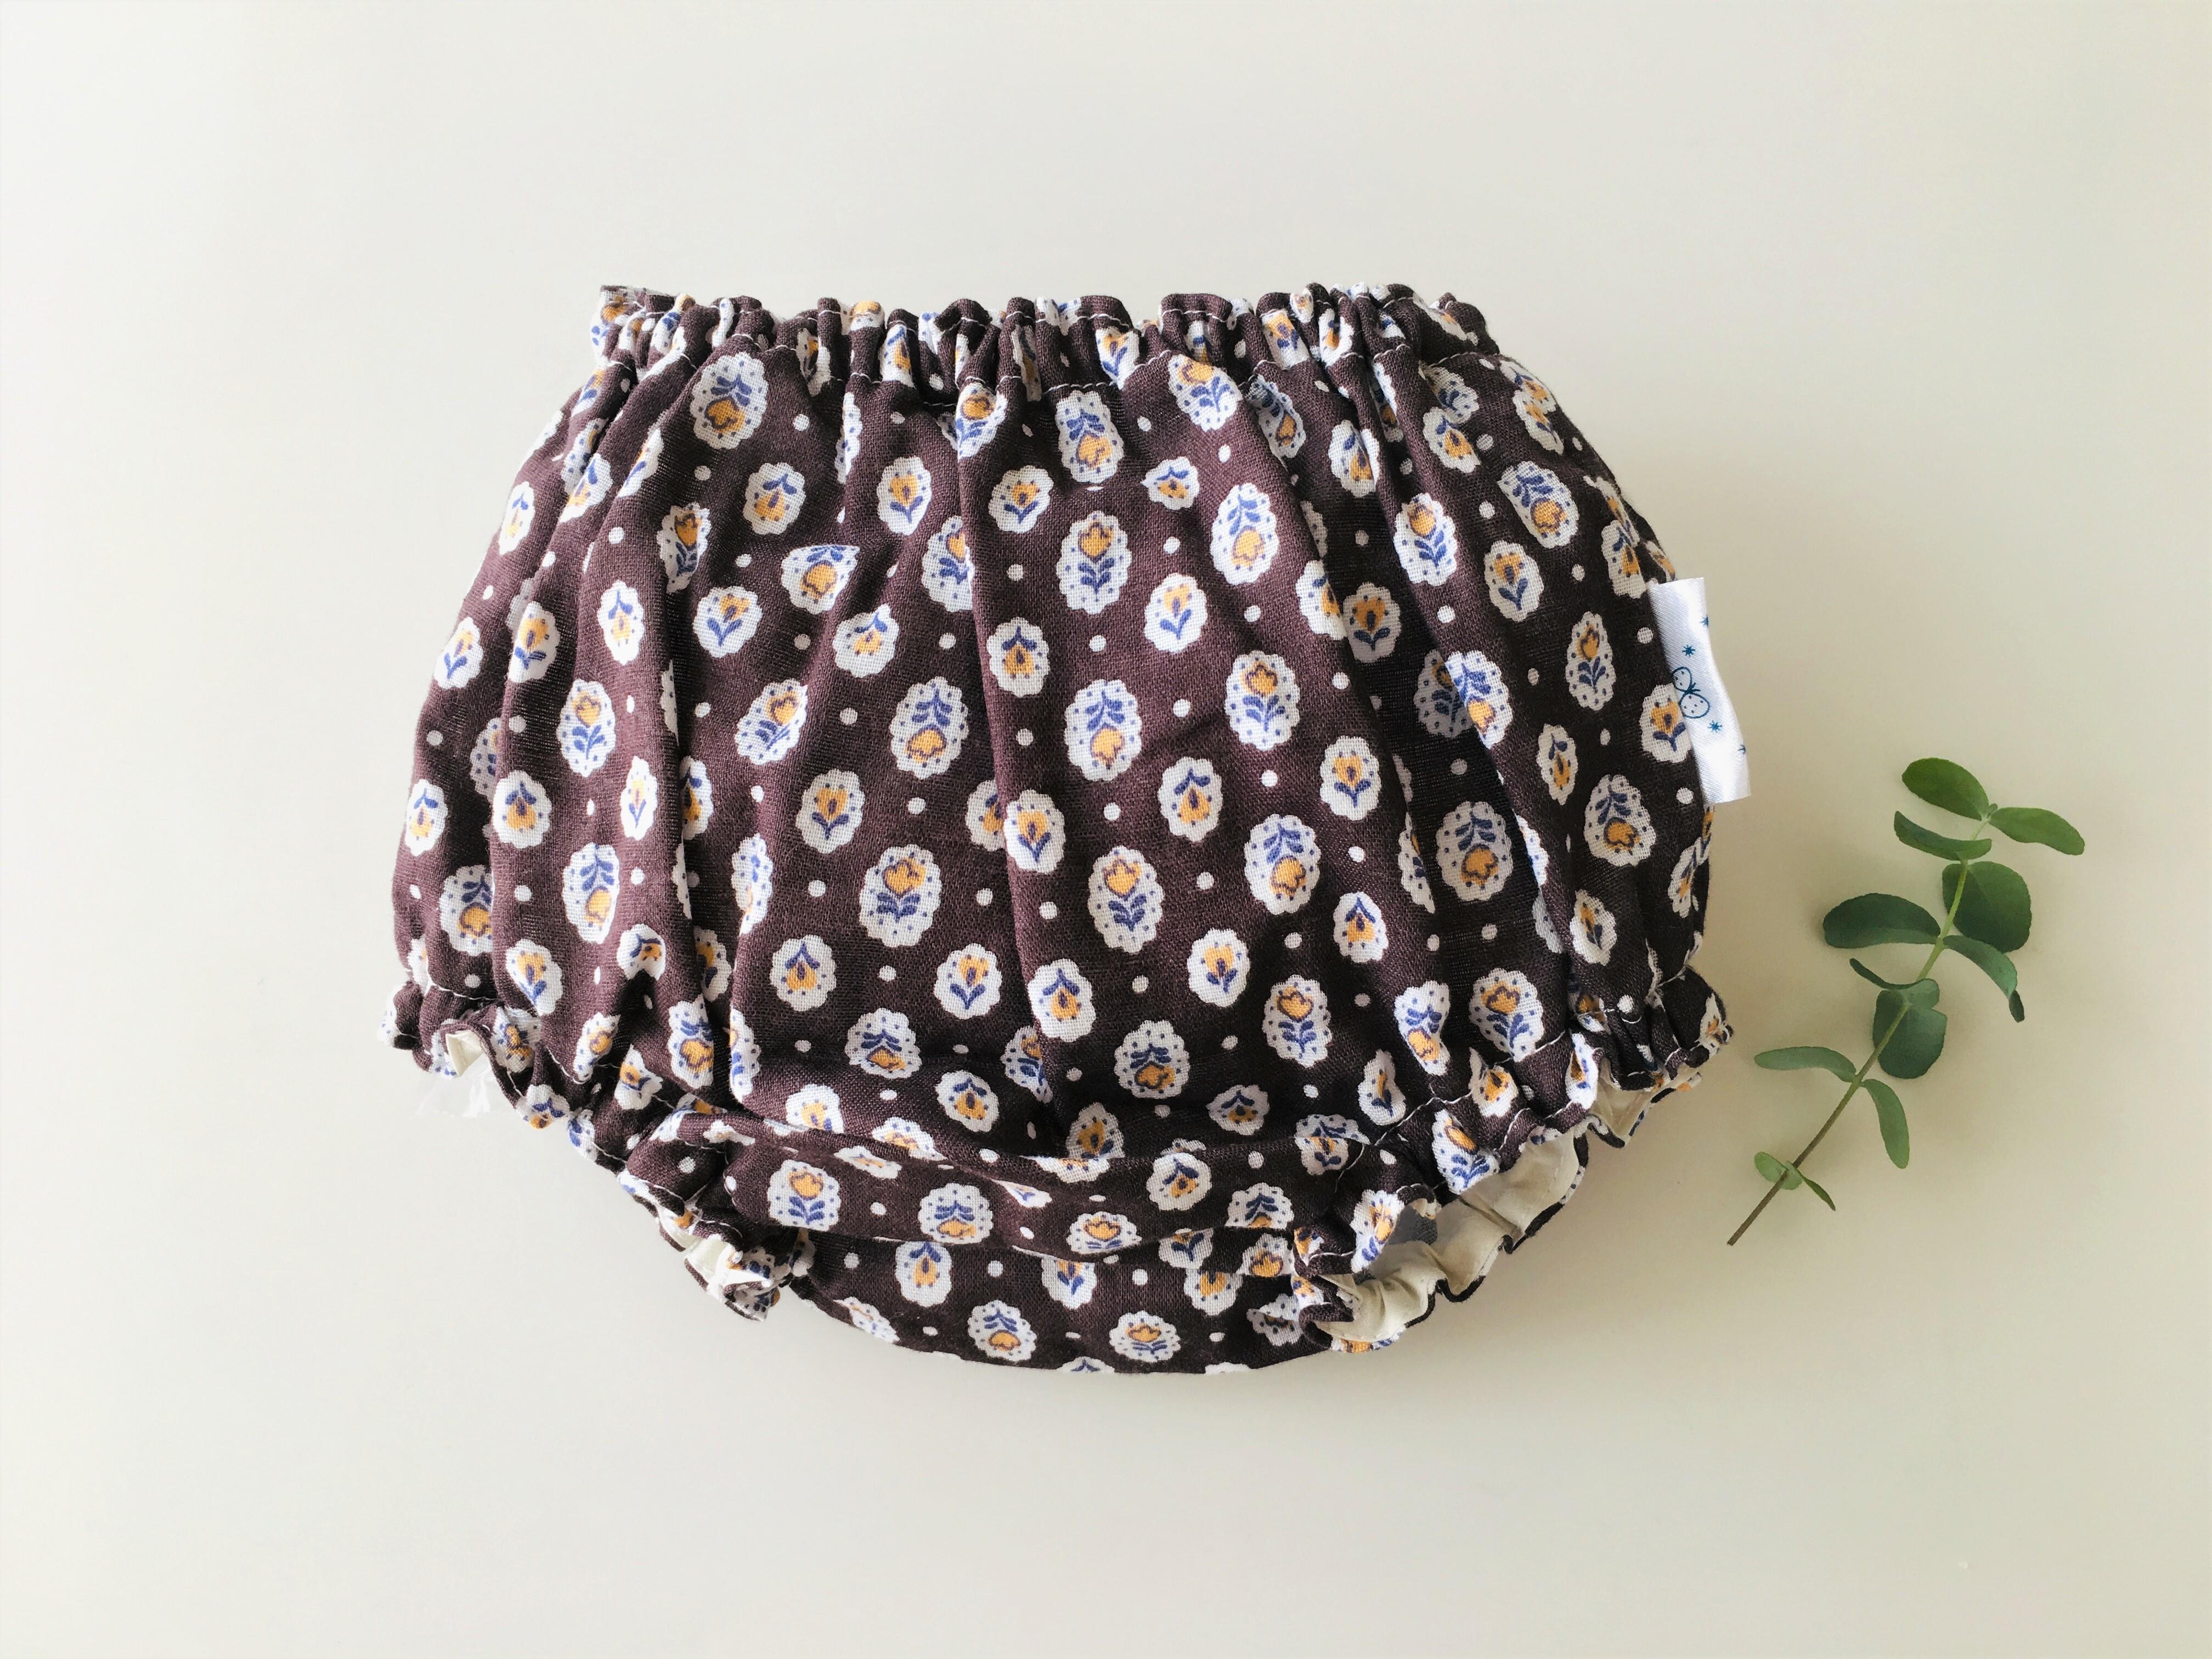 ダブルガーゼのベビーブルマ・茶色花柄